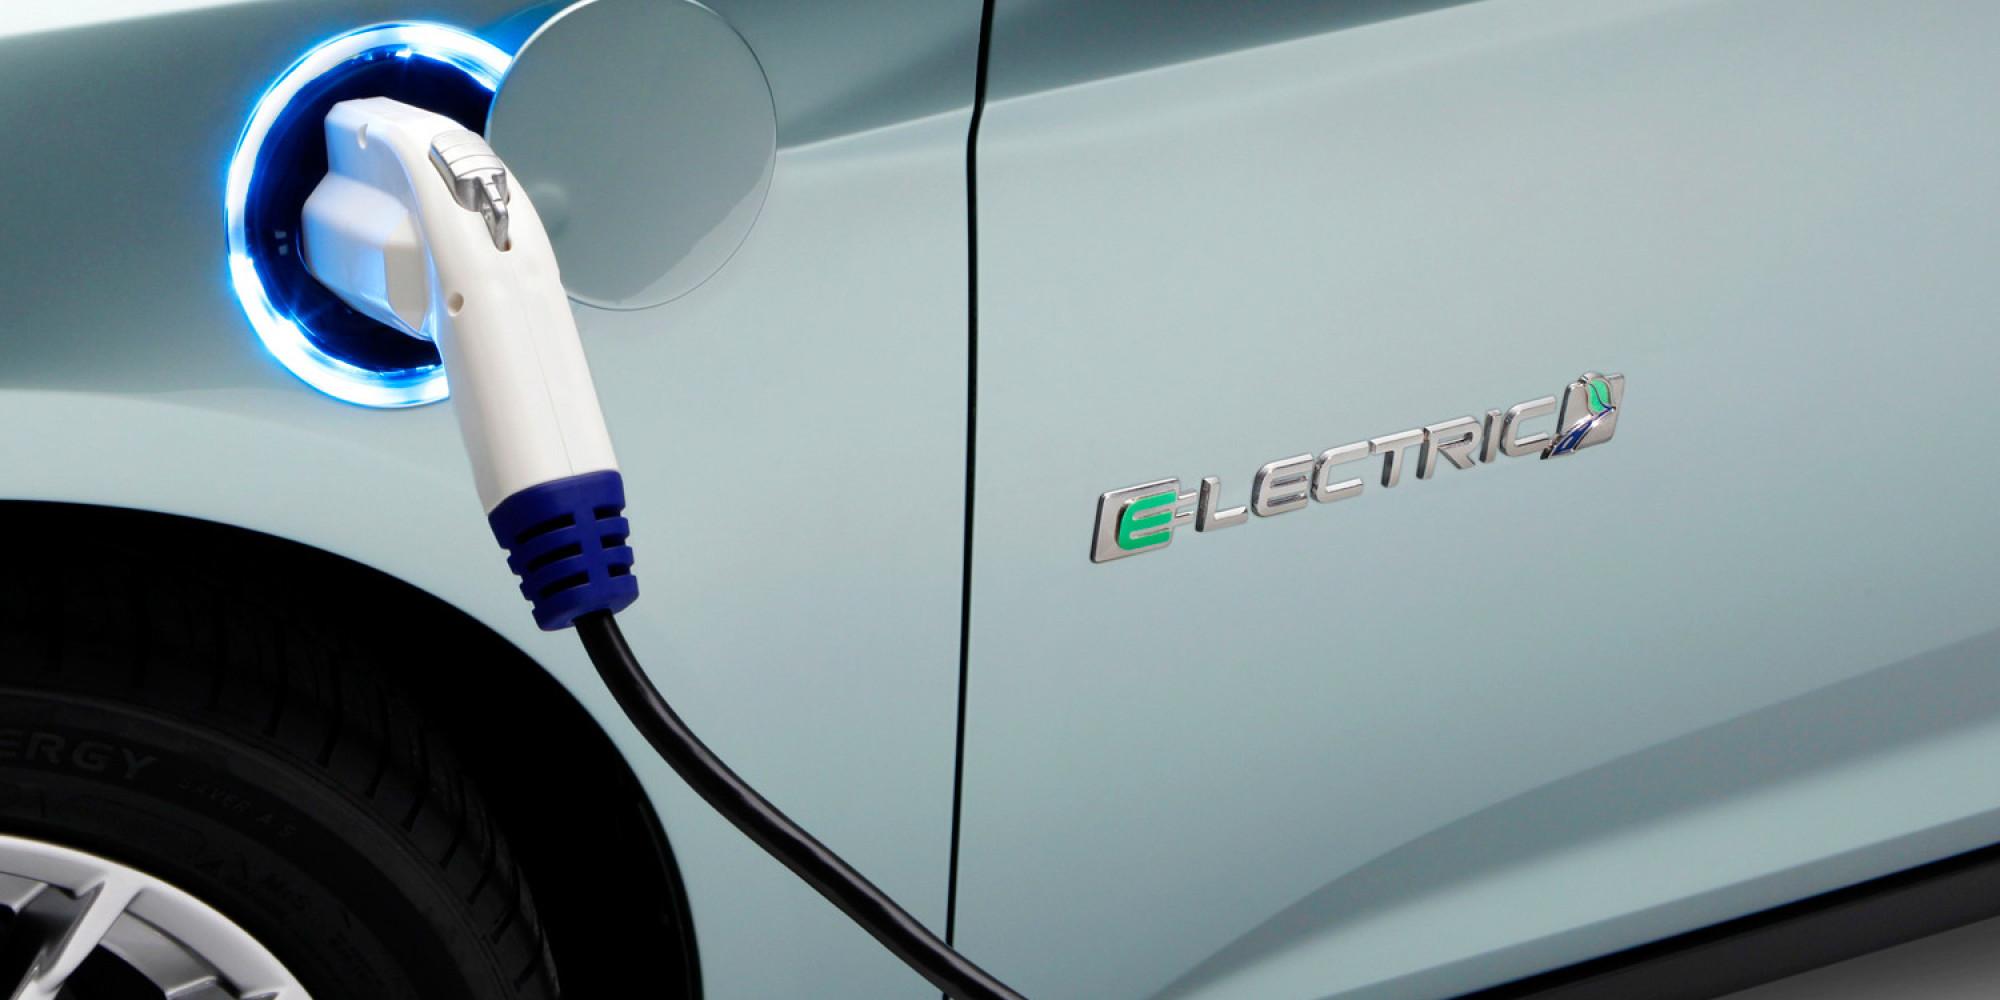 voitures lectriques une nouvelle batterie promet 1000 kilom tres d 39 autonomie charles jolicoeur. Black Bedroom Furniture Sets. Home Design Ideas